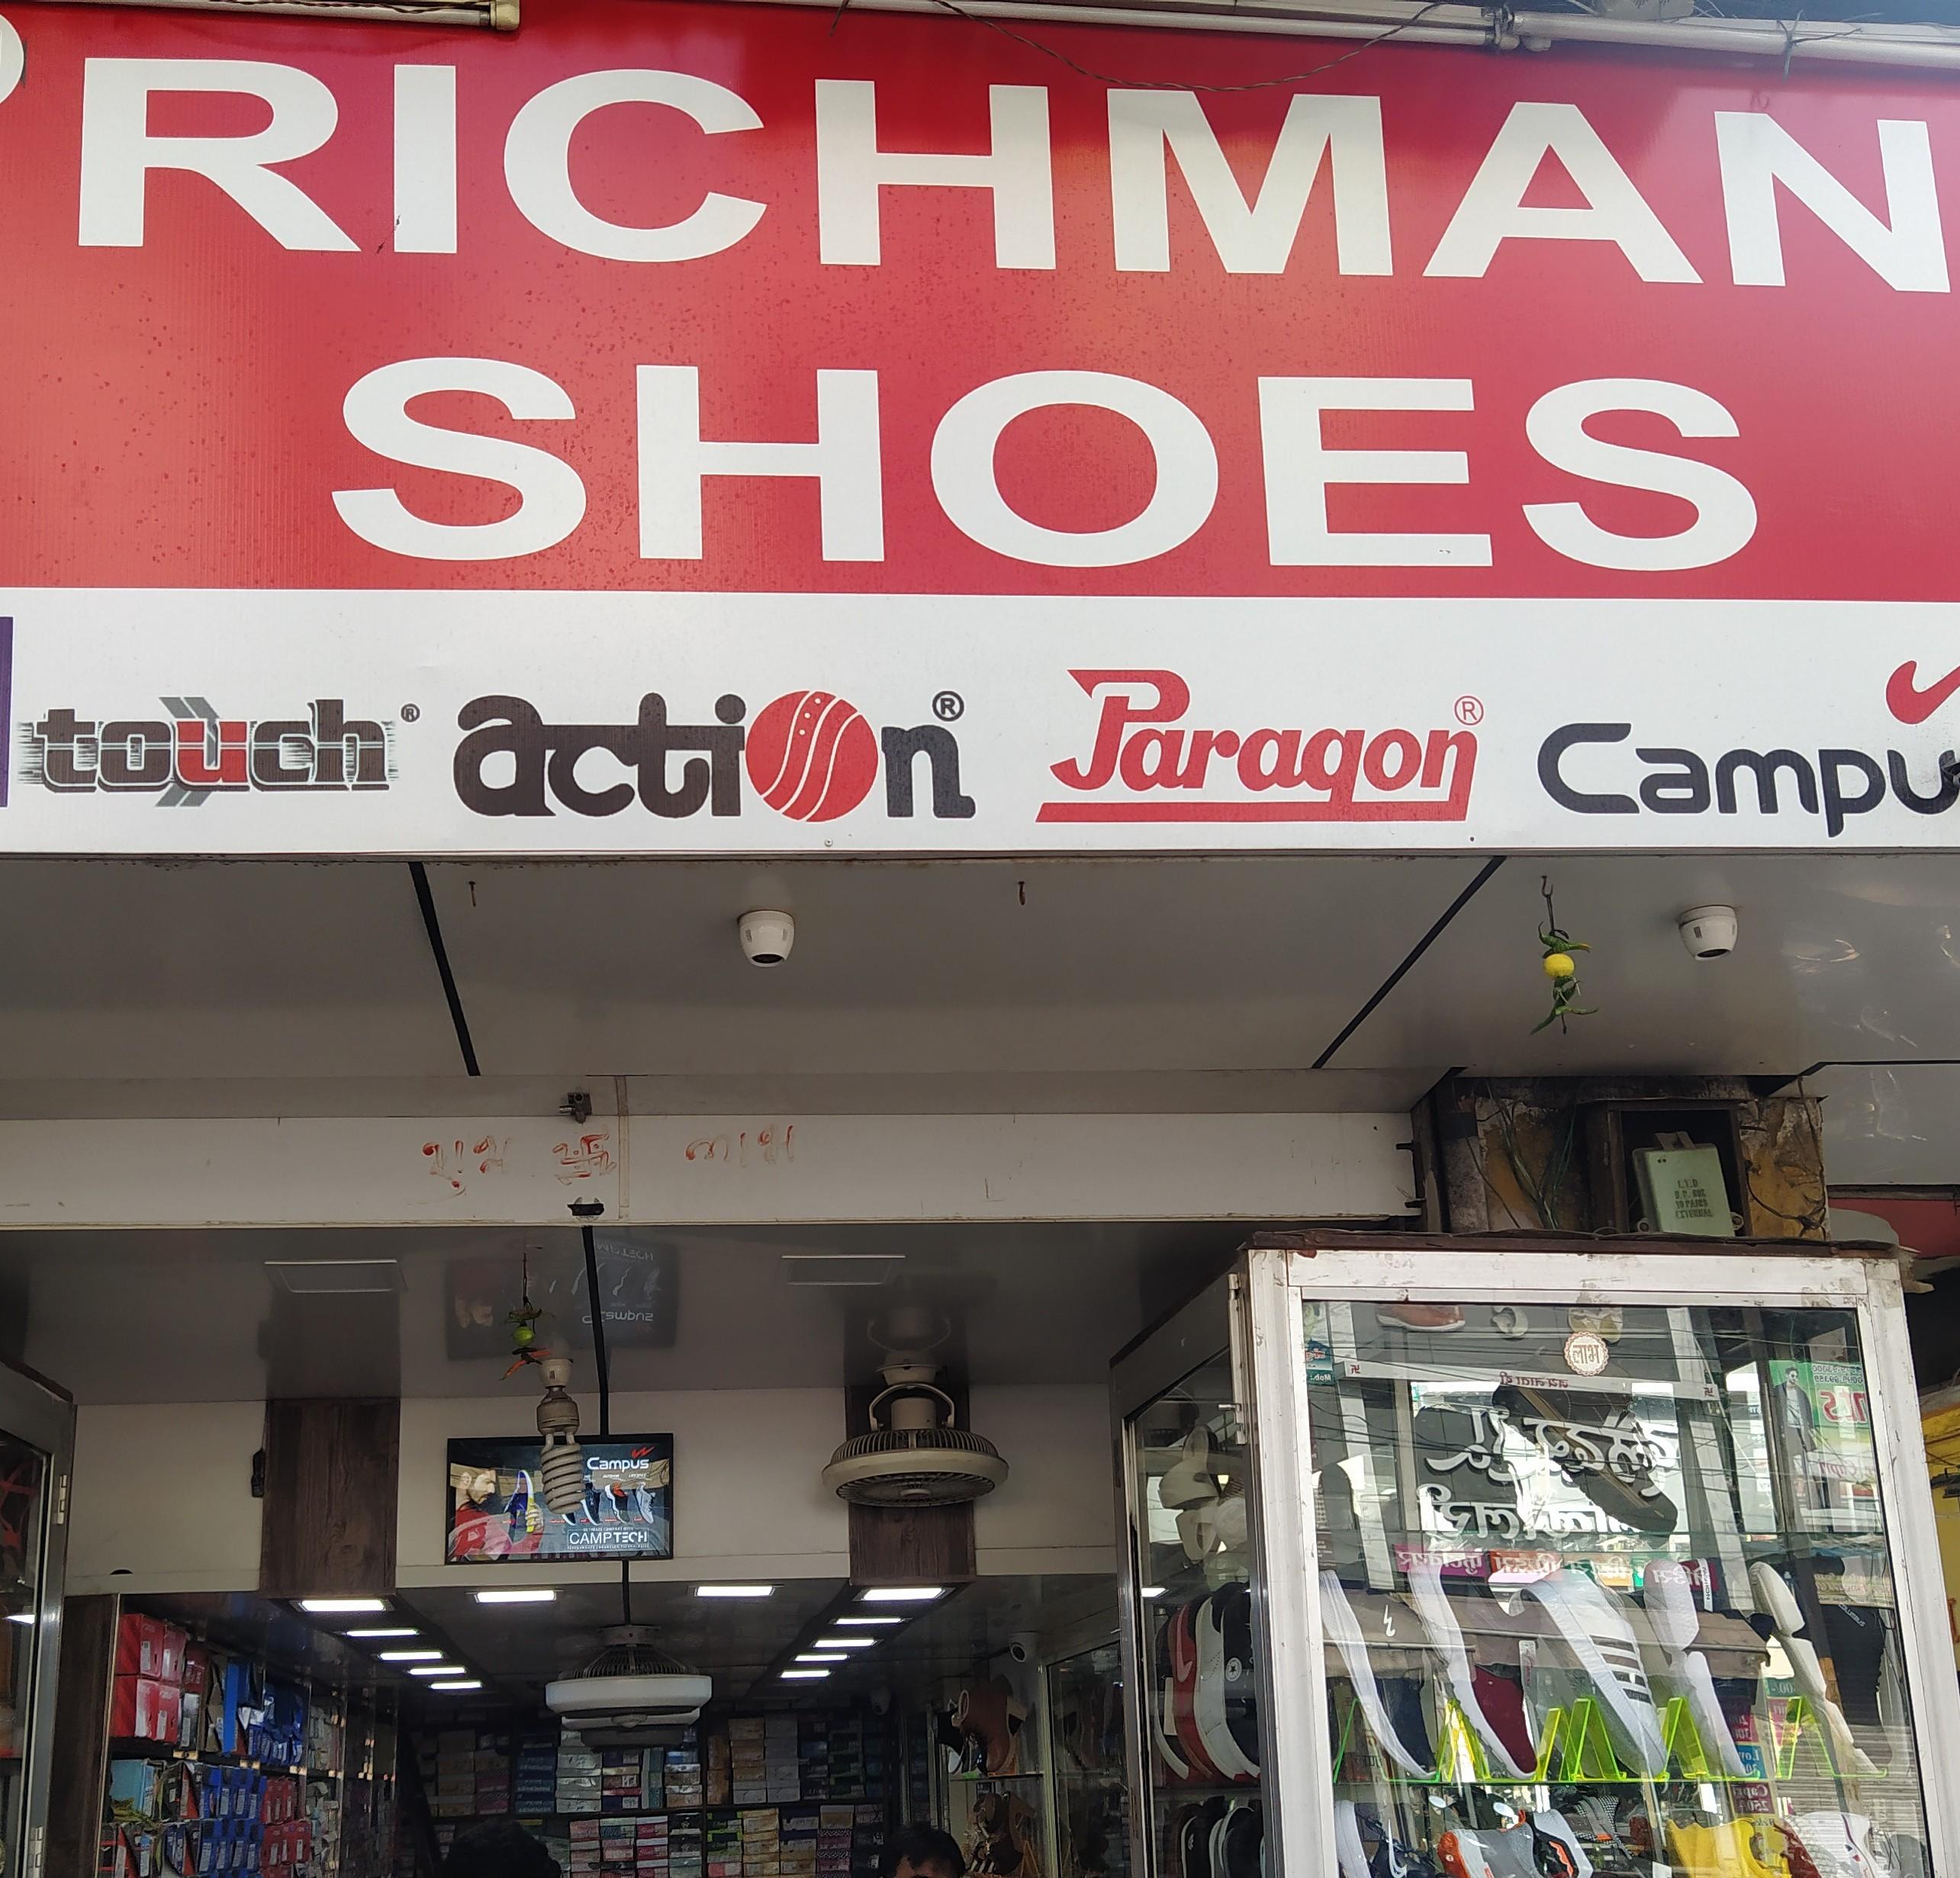 Richman Shoes